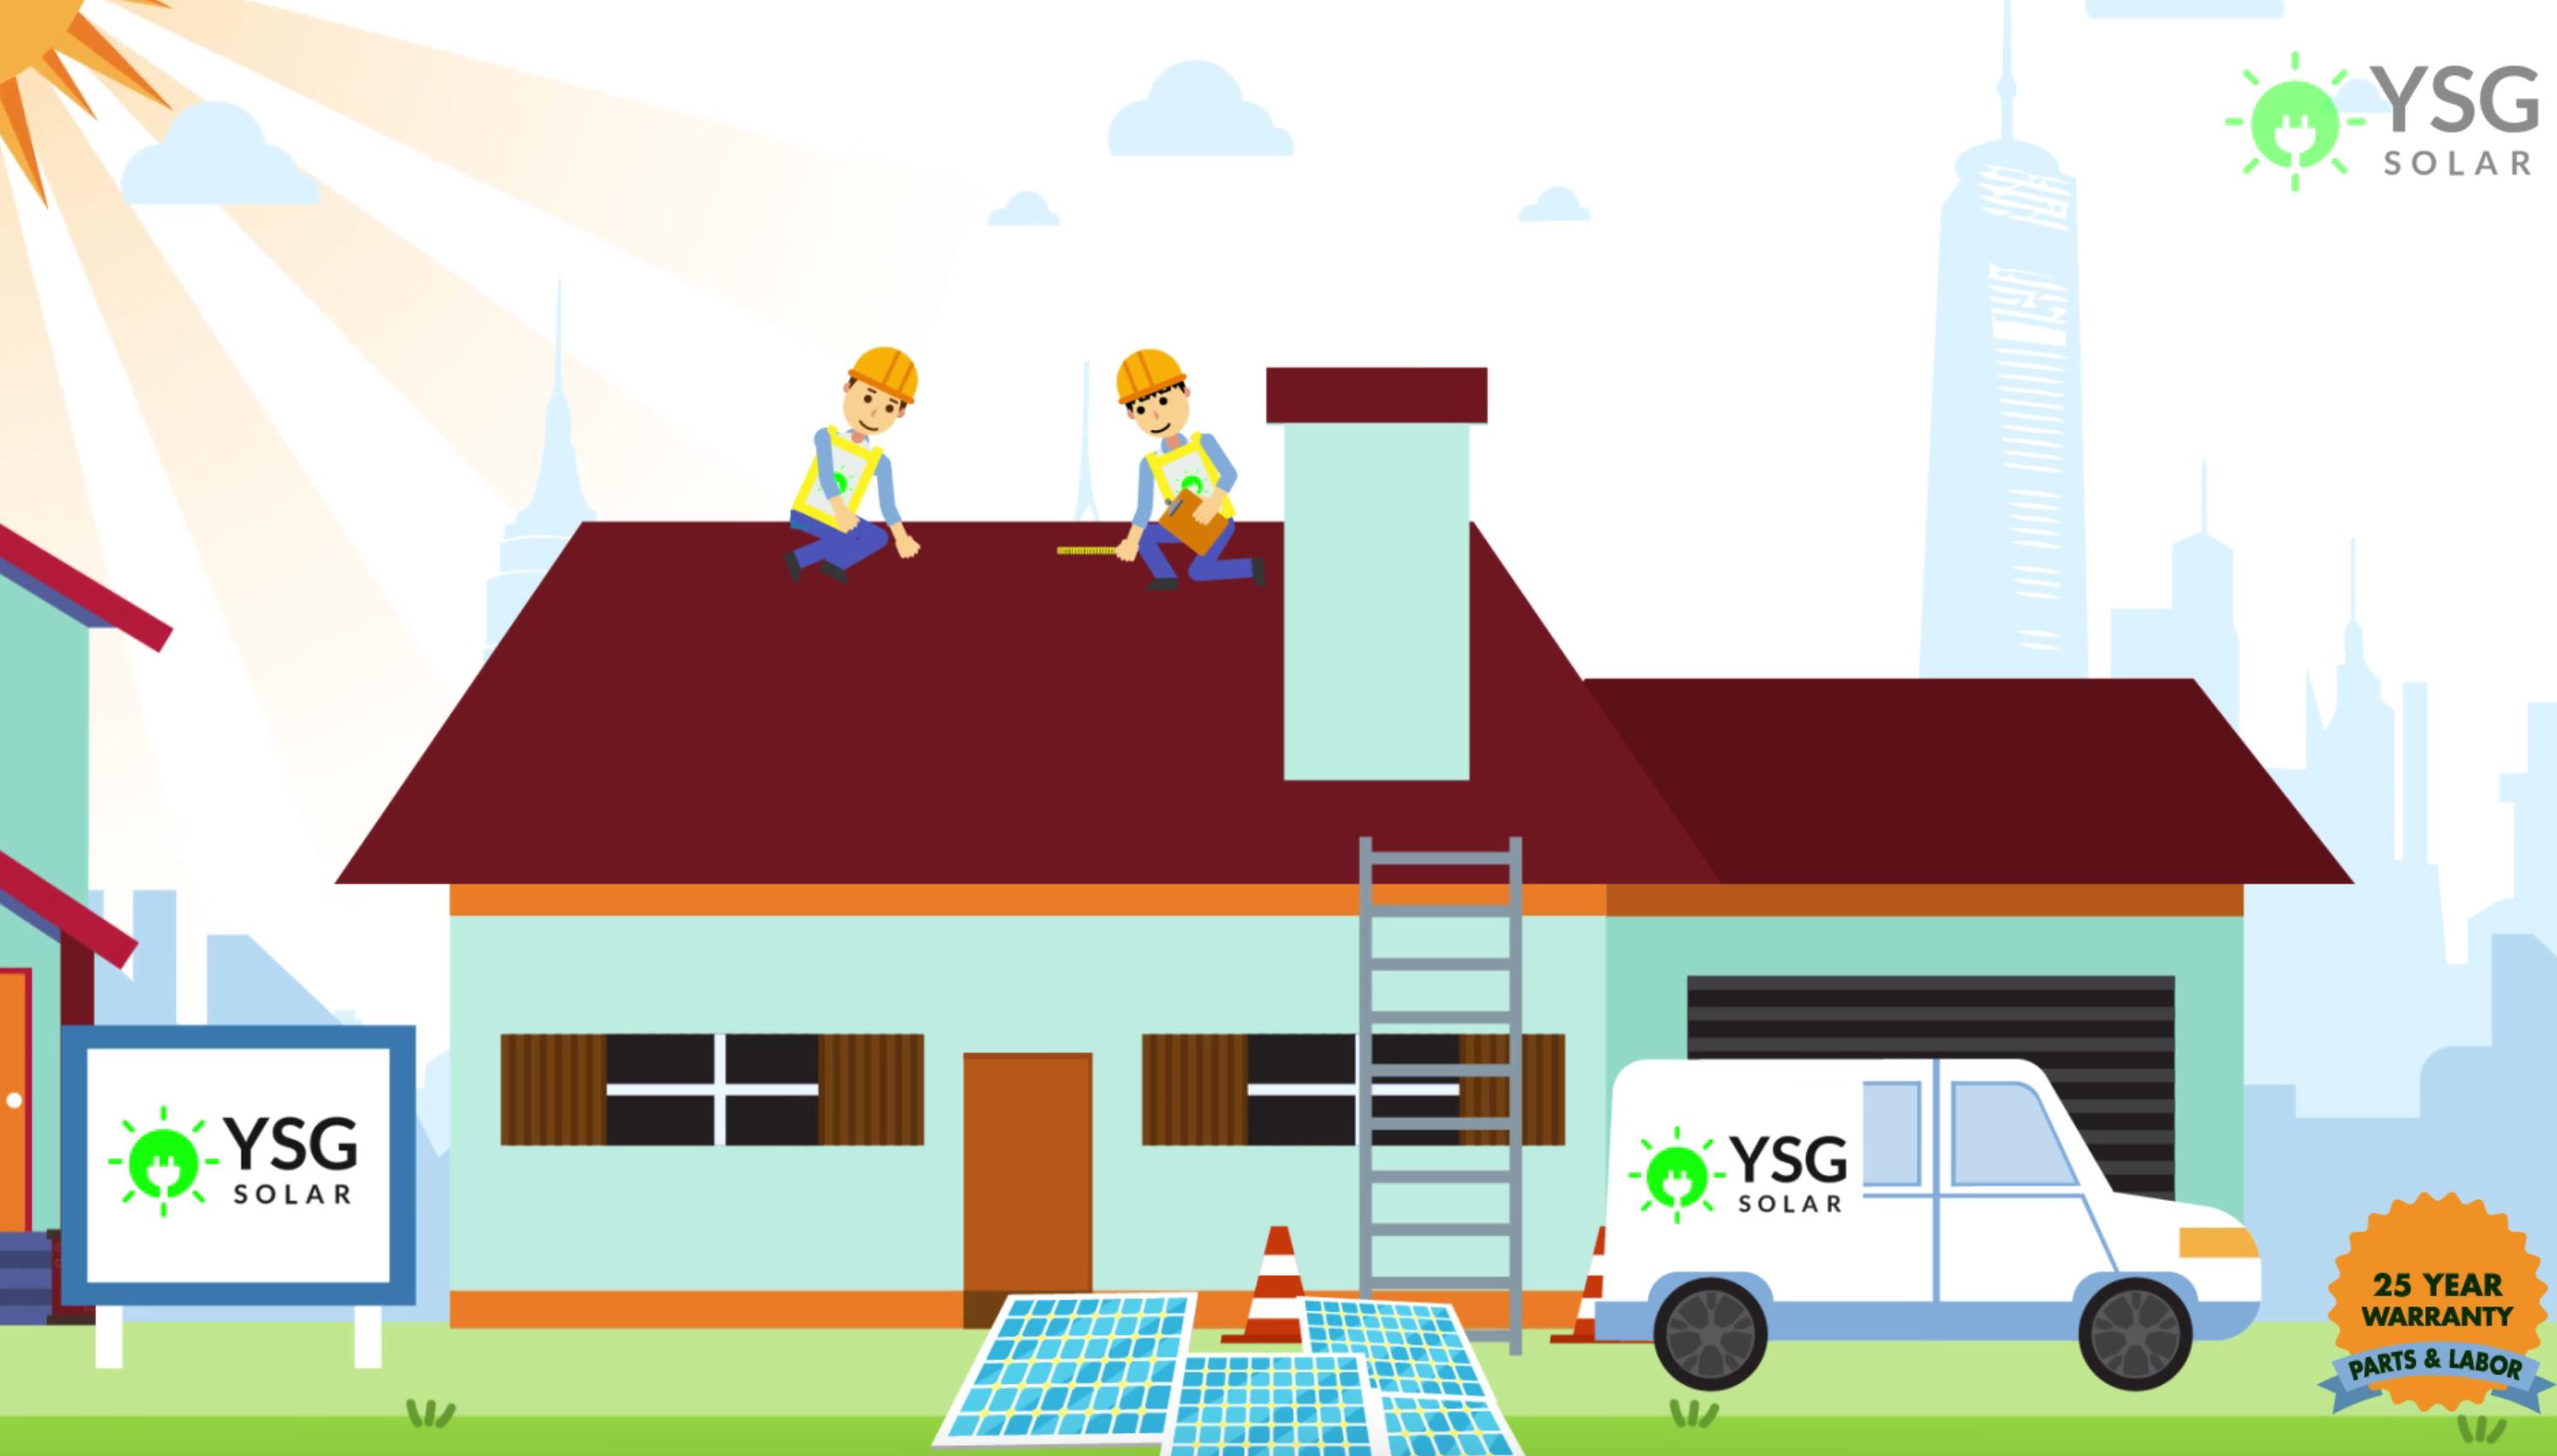 YSG Solar 25 year warranty